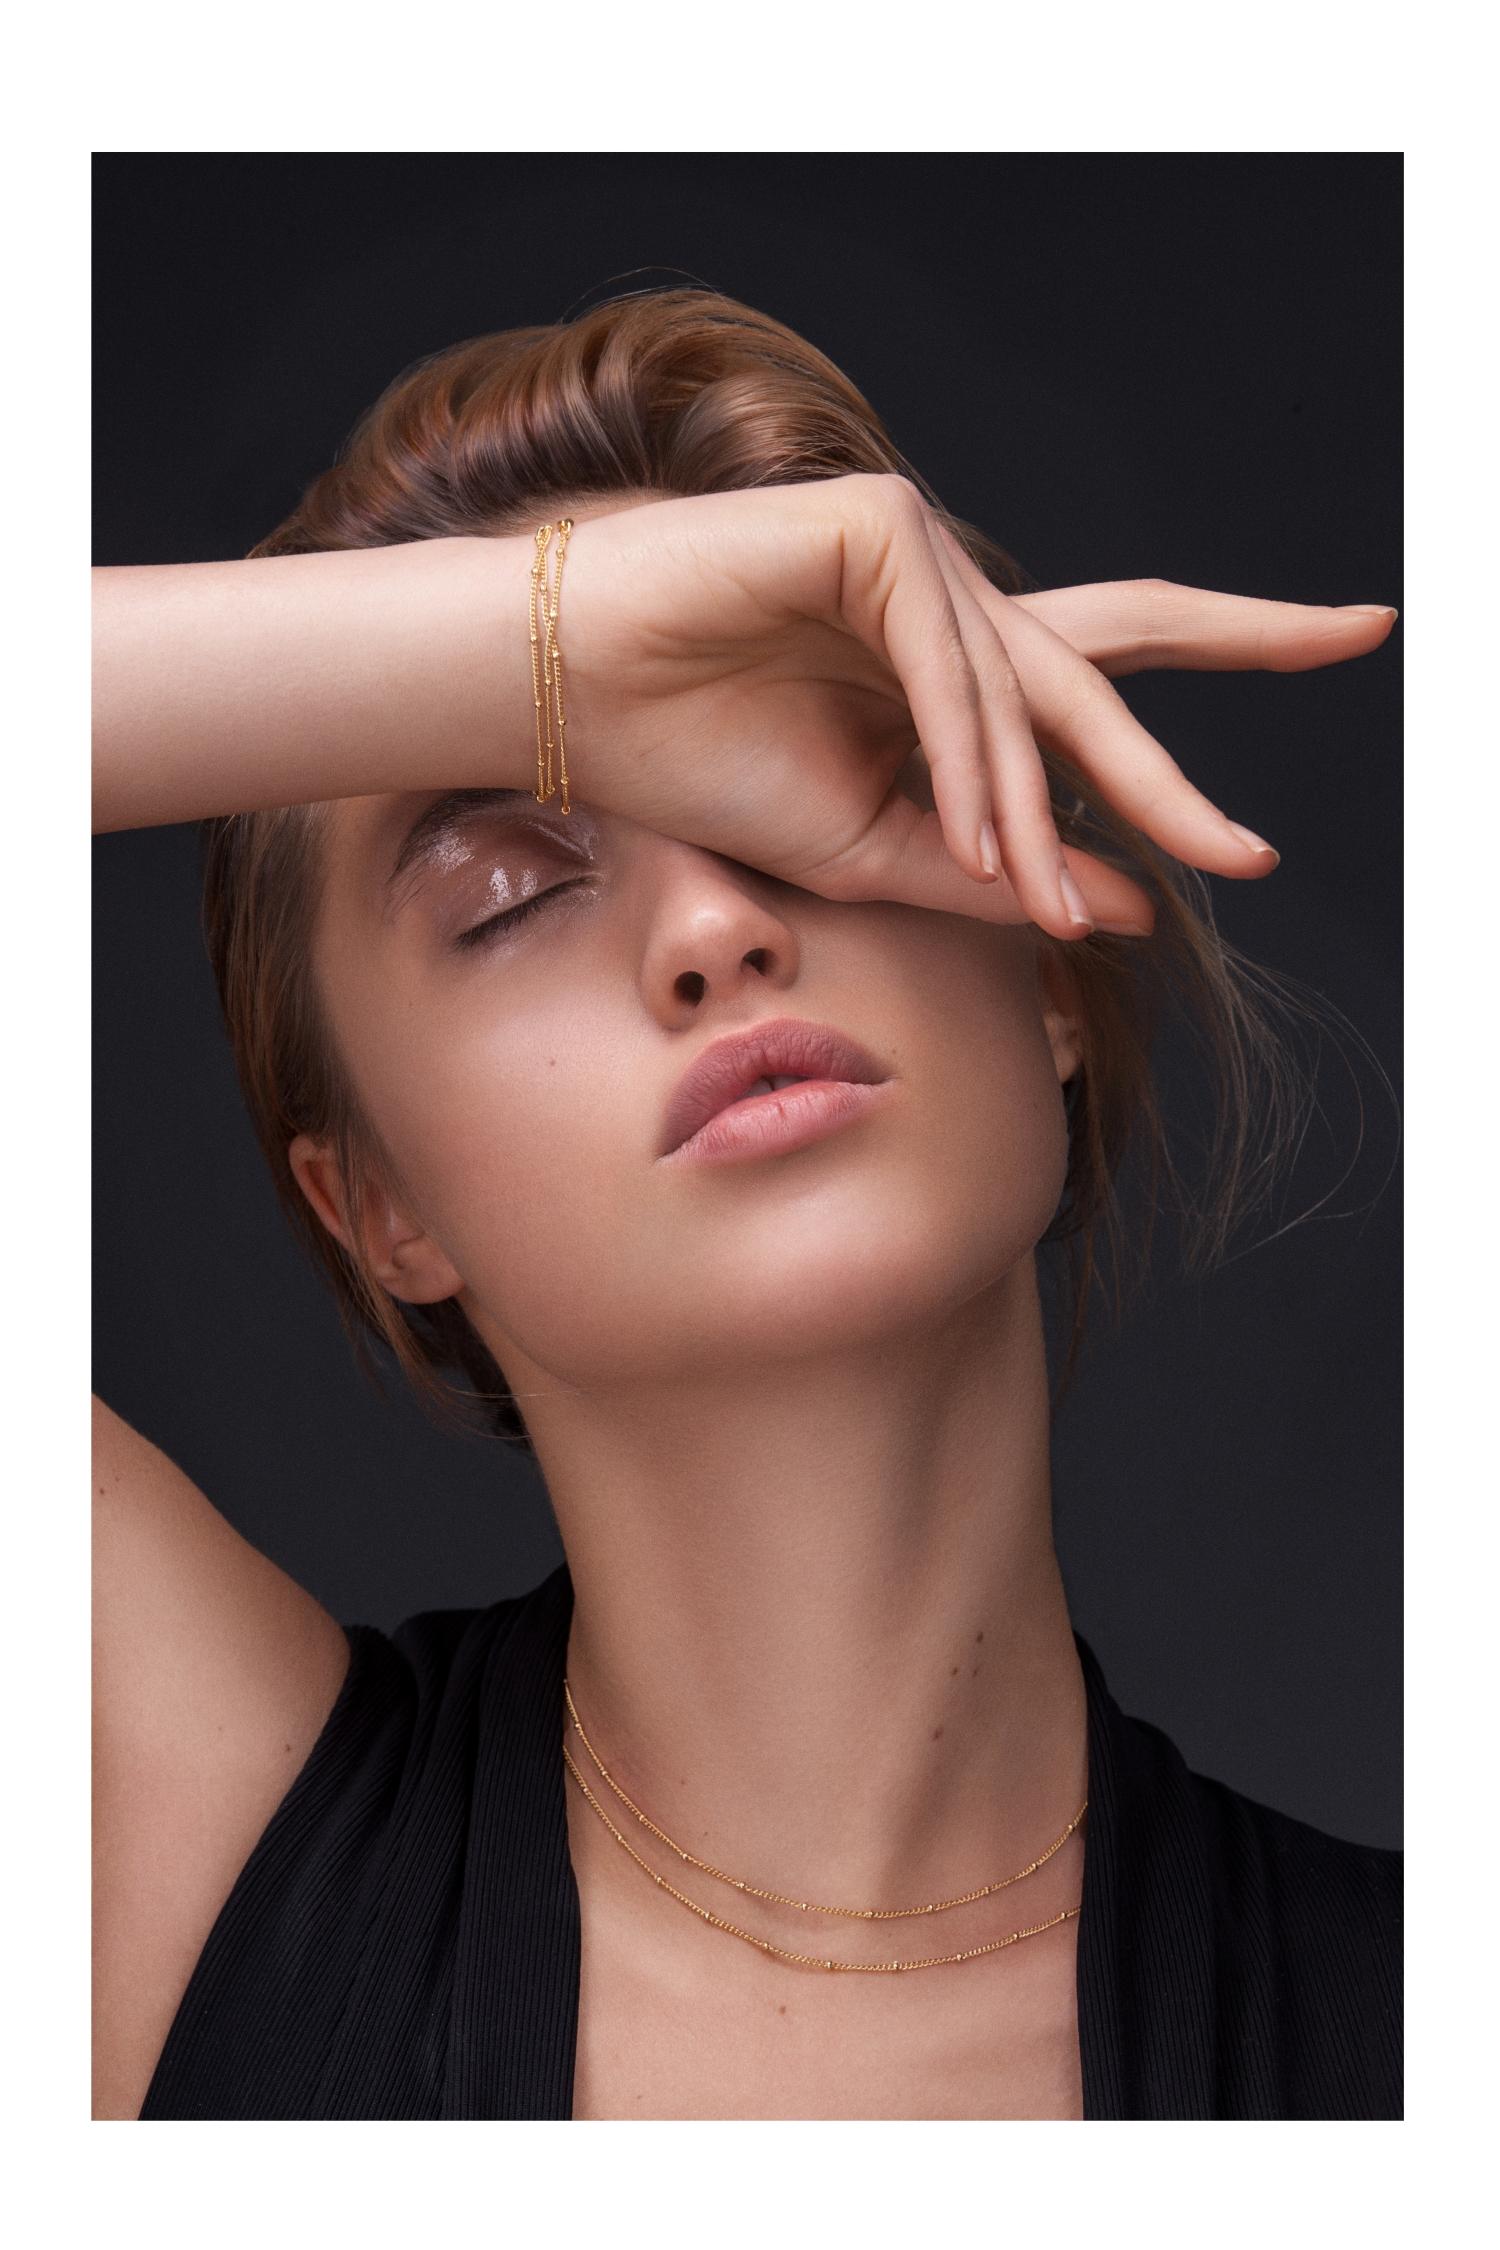 filigrane Choker Ketten im modernen Design Madeleine Issing